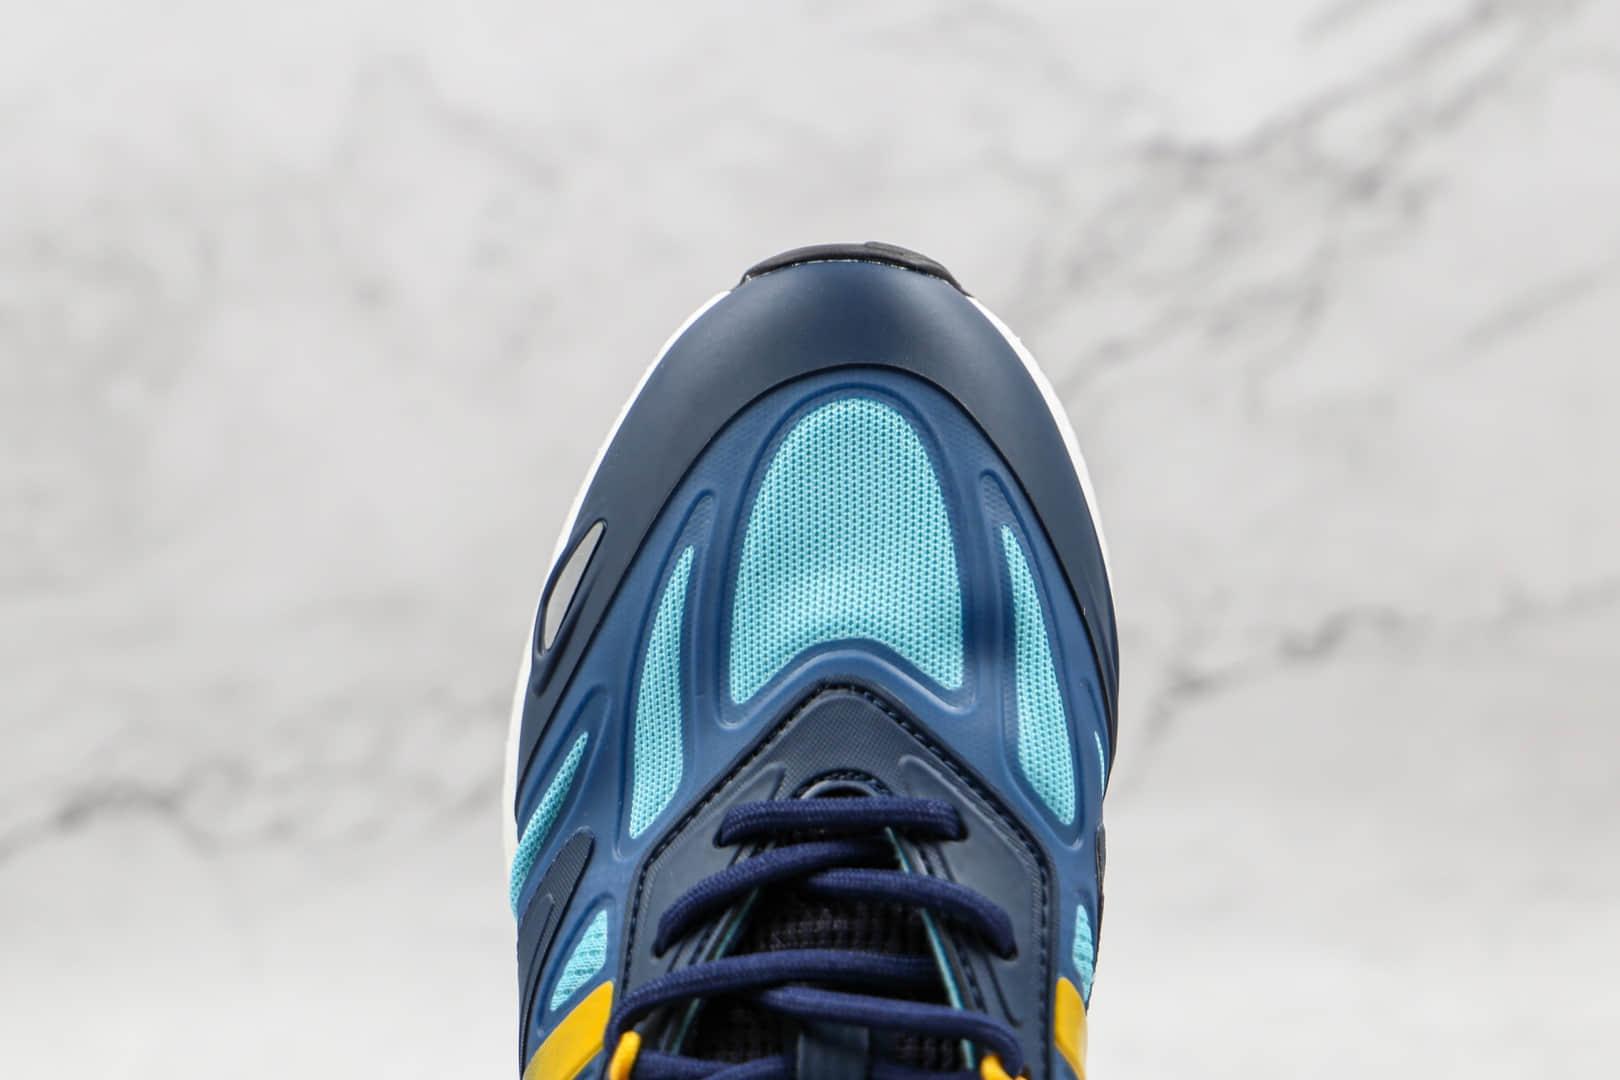 阿迪达斯Adidas Originals ZX 2K Boost 2.0纯原版本三叶草ZX 2K蓝黄色爆米花跑鞋原档案数据开发 货号:GZ7501